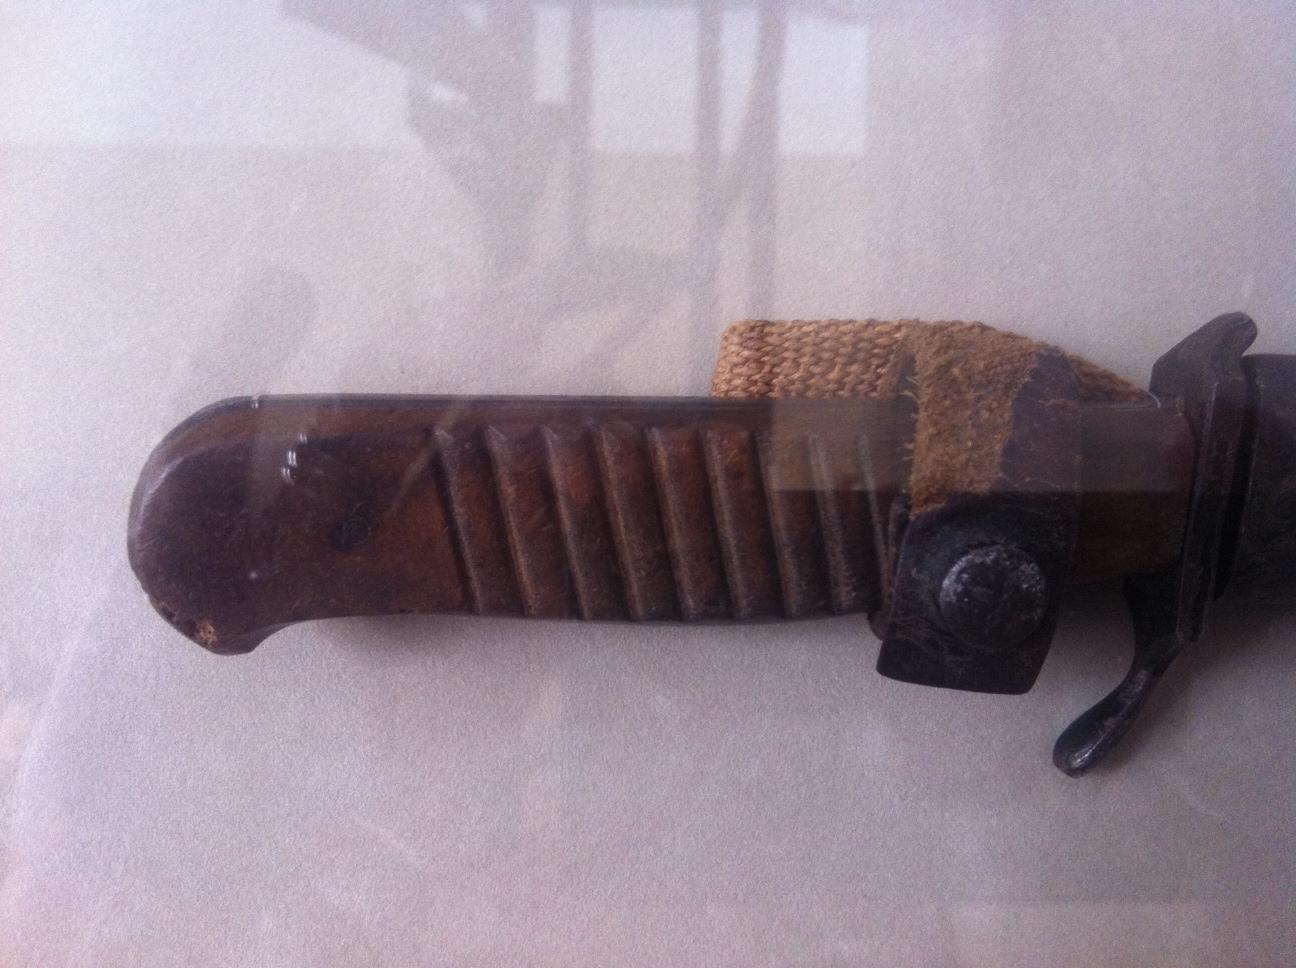 Boker Trench Knife-photo-63.jpg